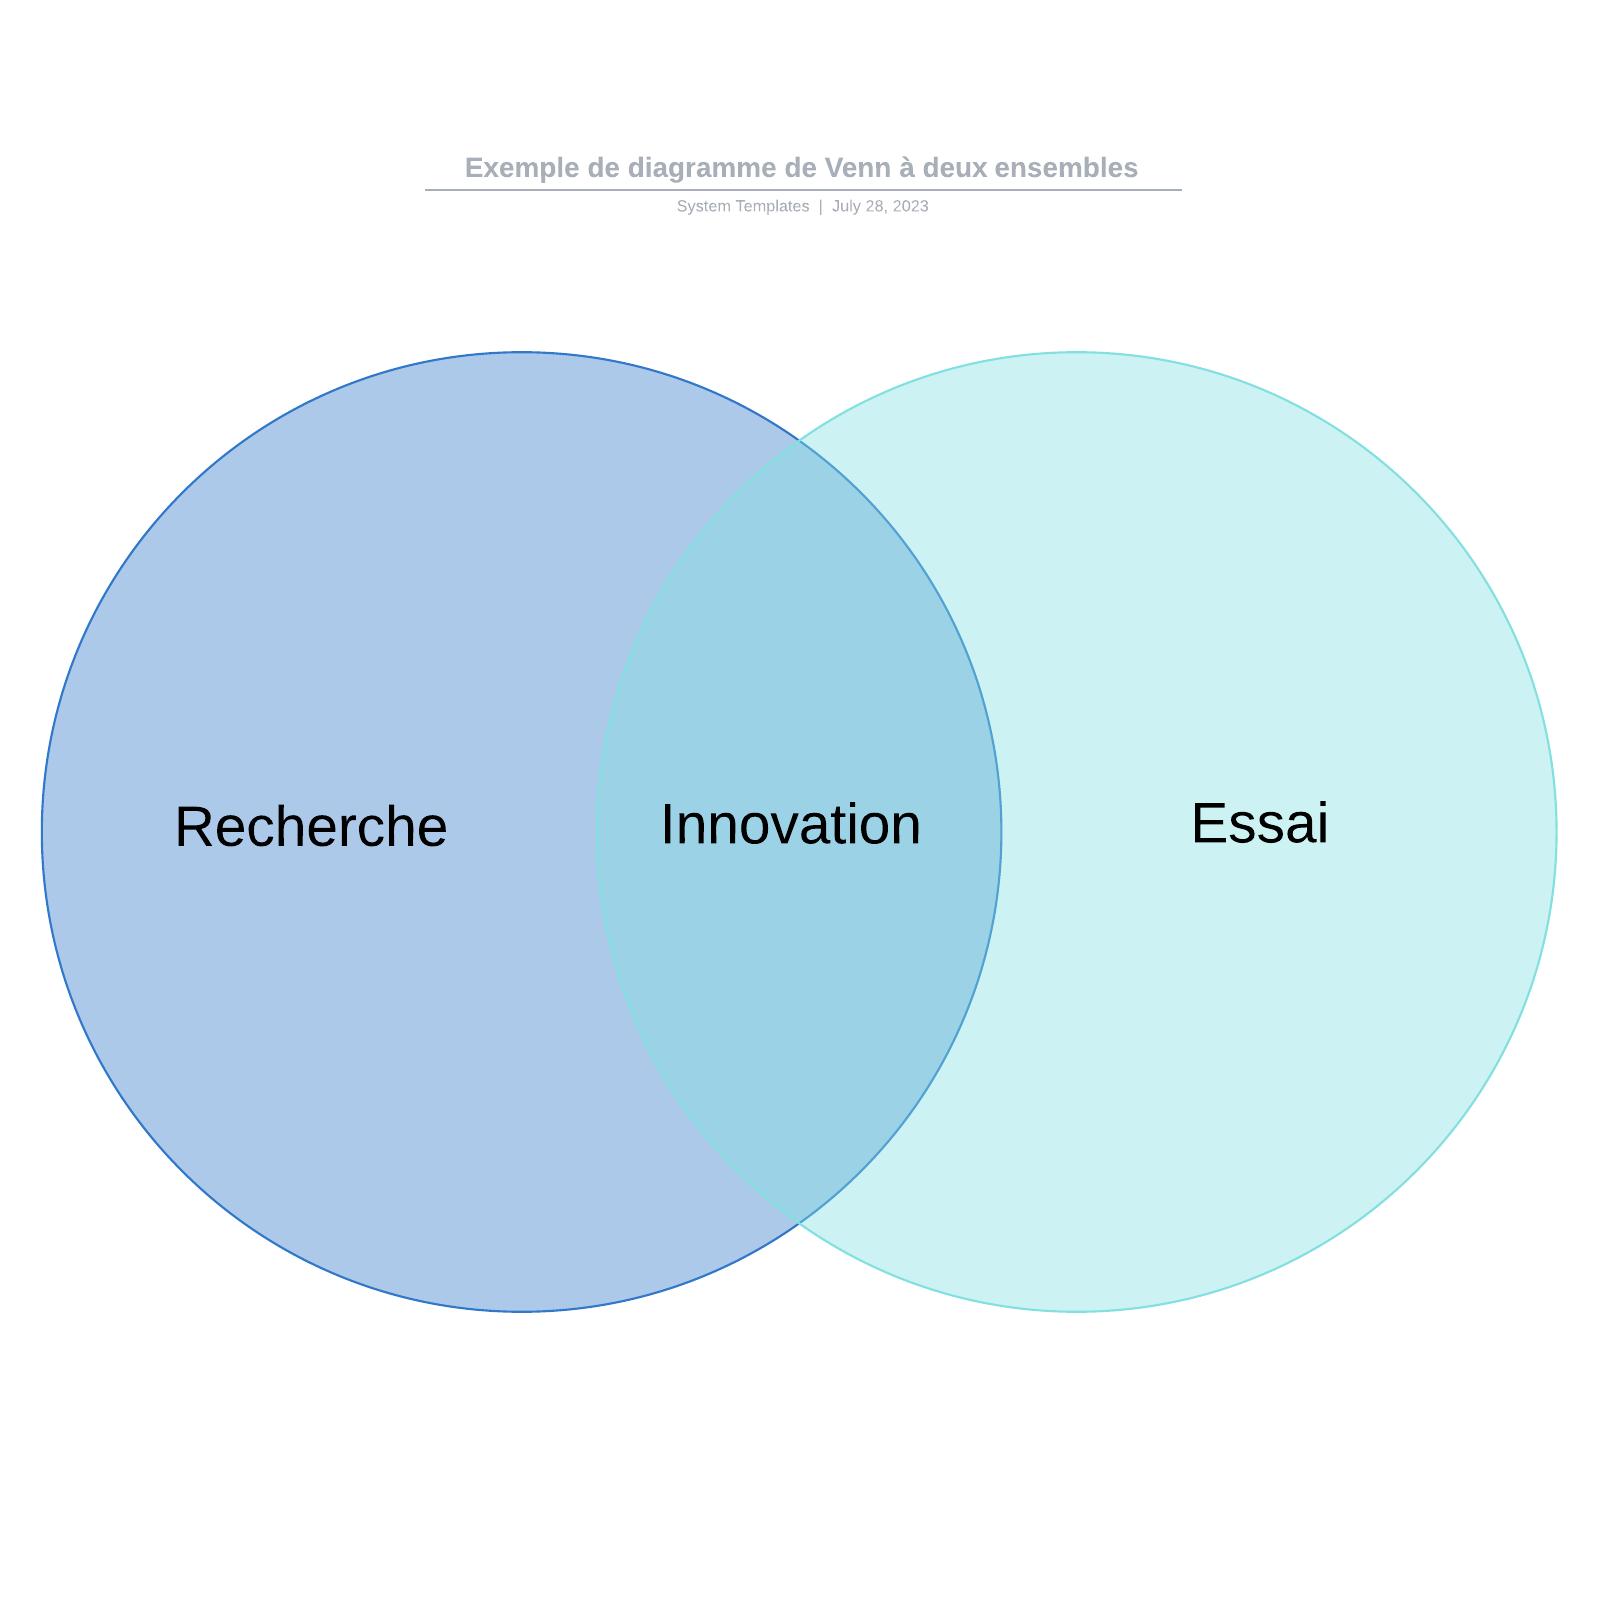 exemple de diagramme de Venn à deux ensembles